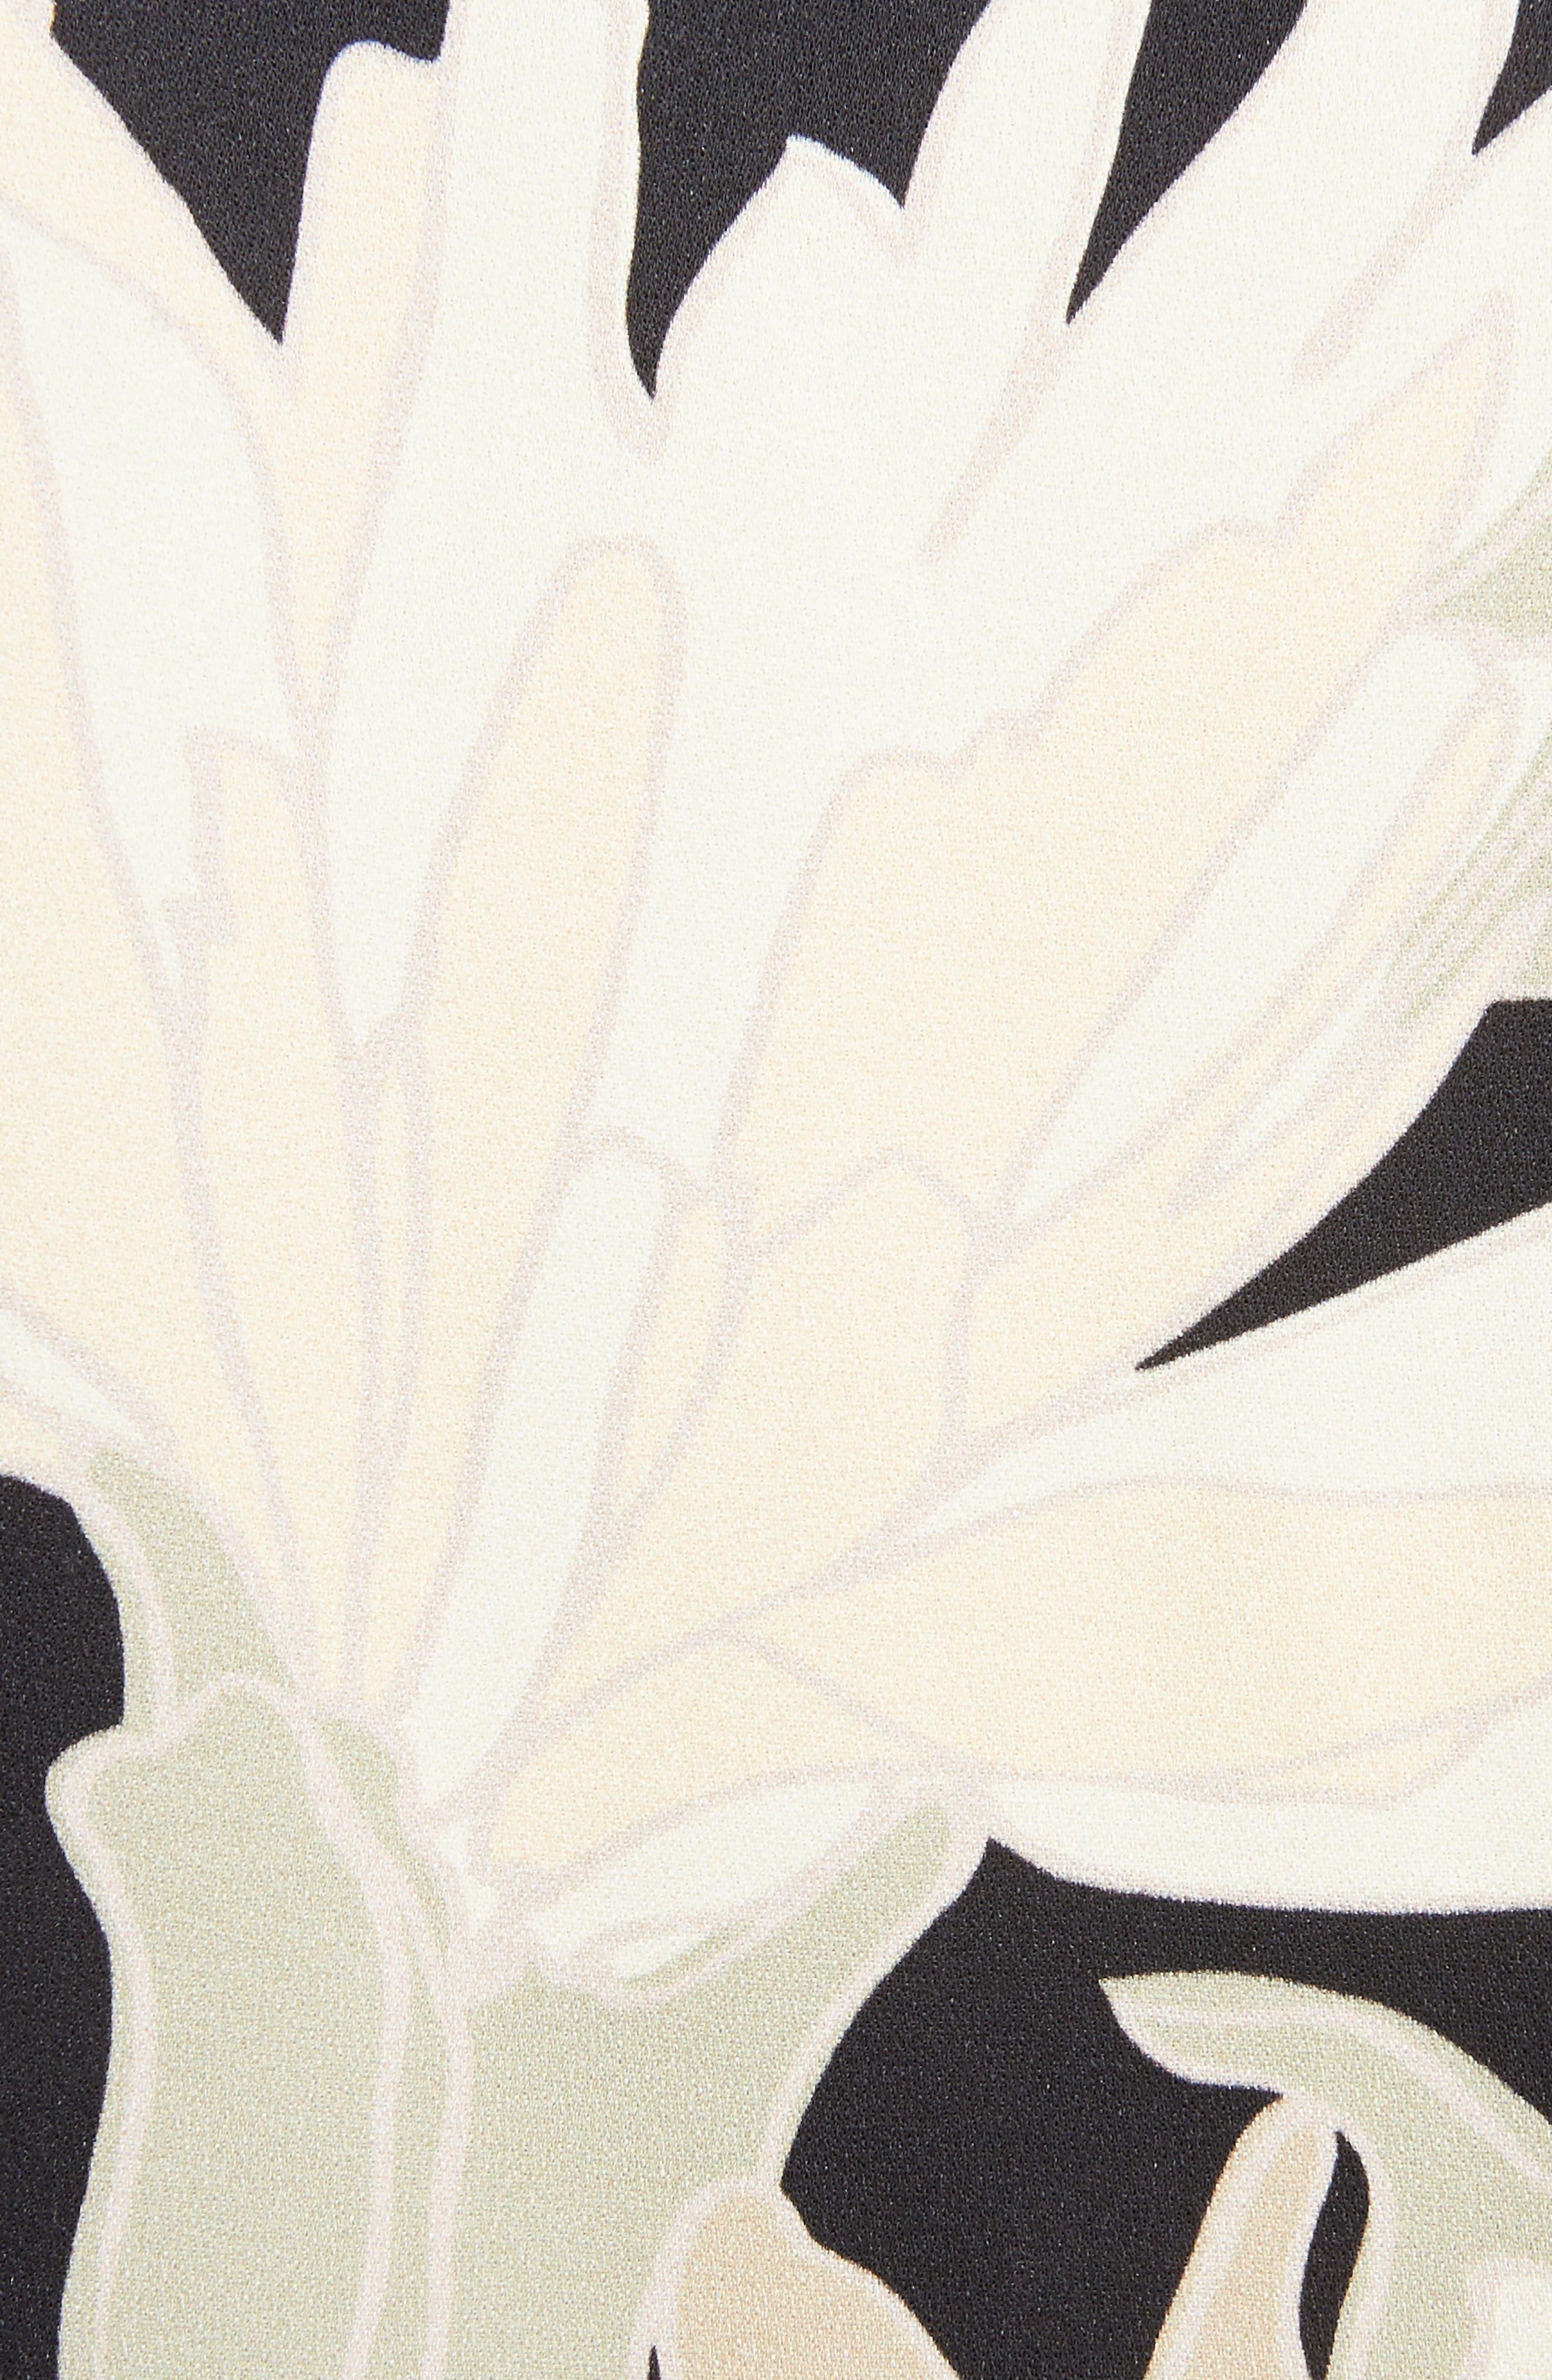 Knit Trim Floral Dress,                             Alternate thumbnail 5, color,                             Black